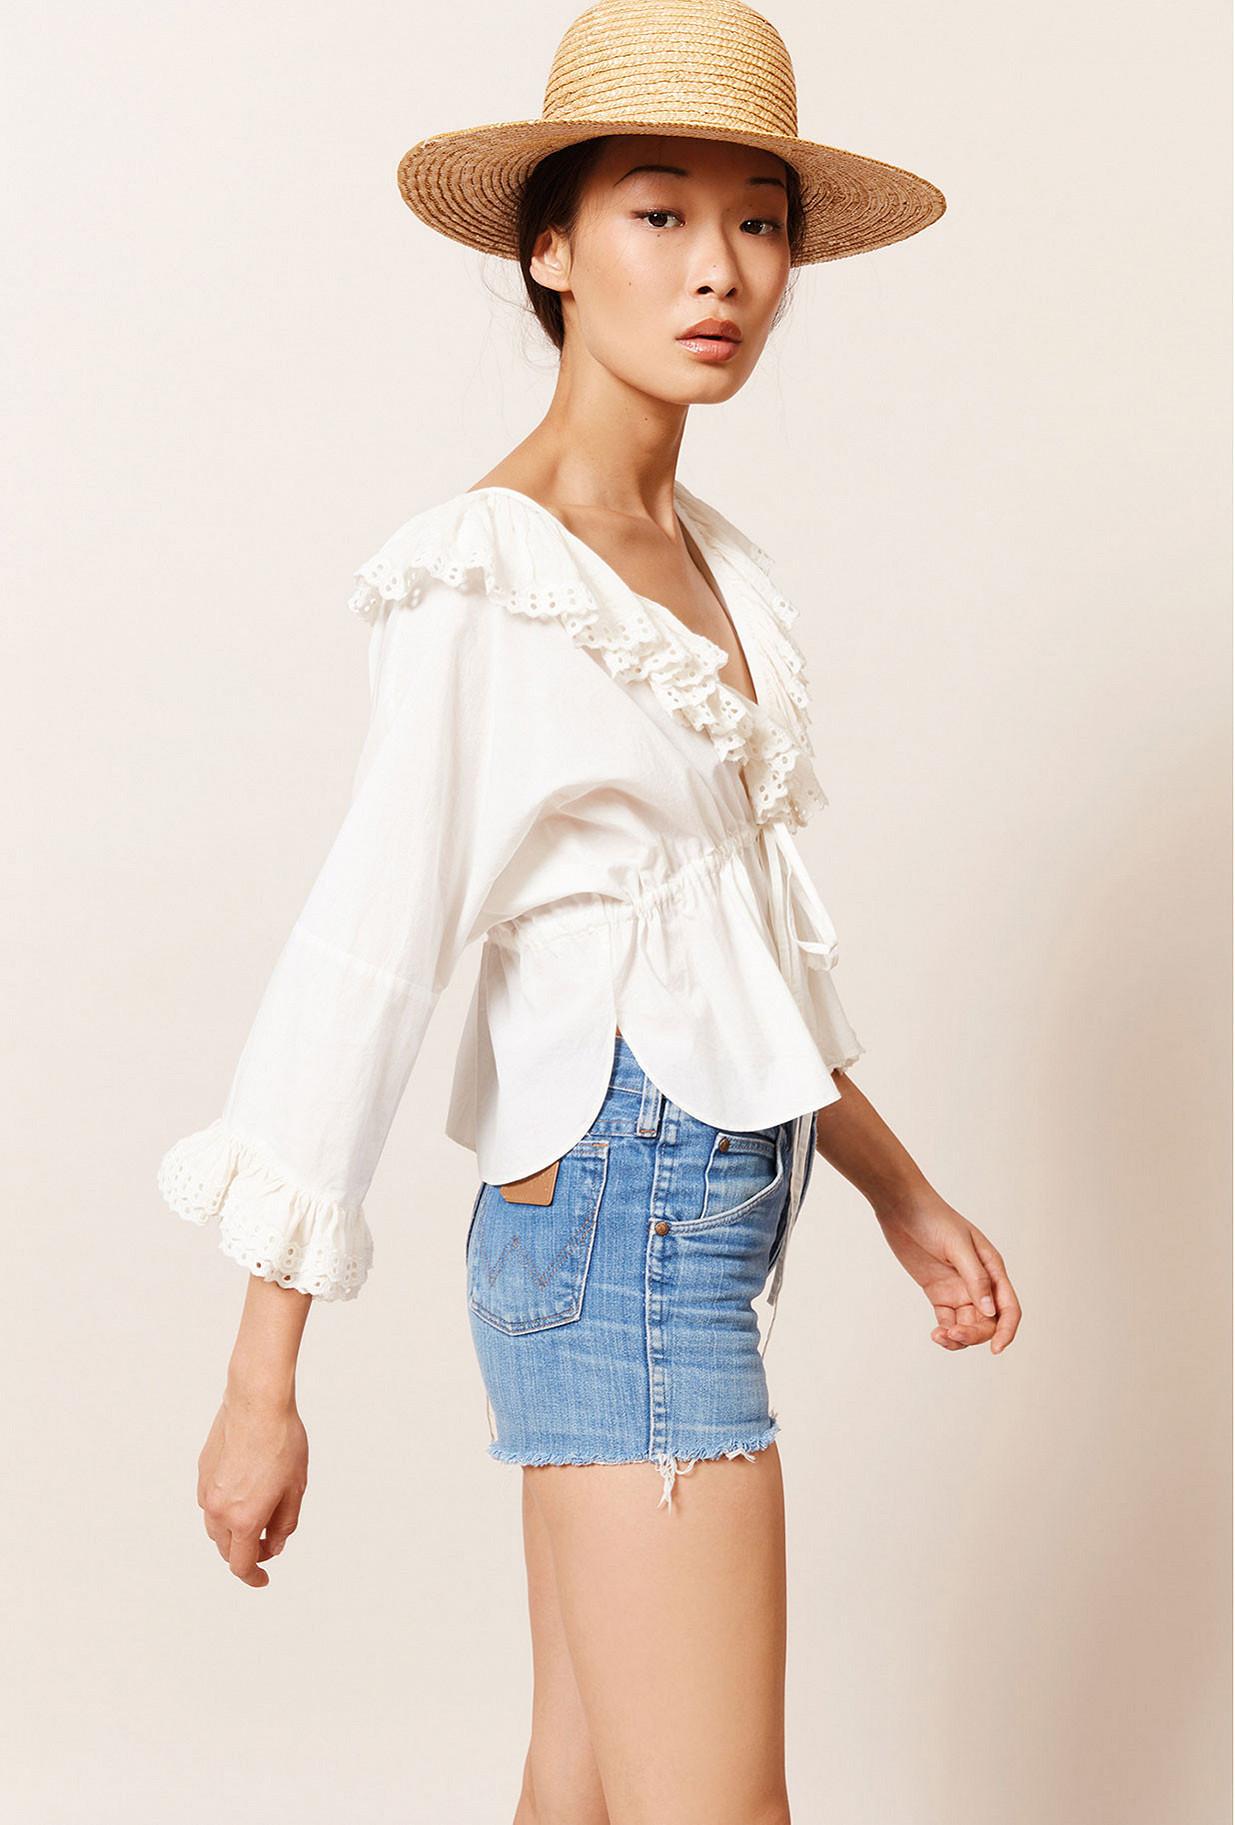 Paris clothes store Blouse  Jad french designer fashion Paris